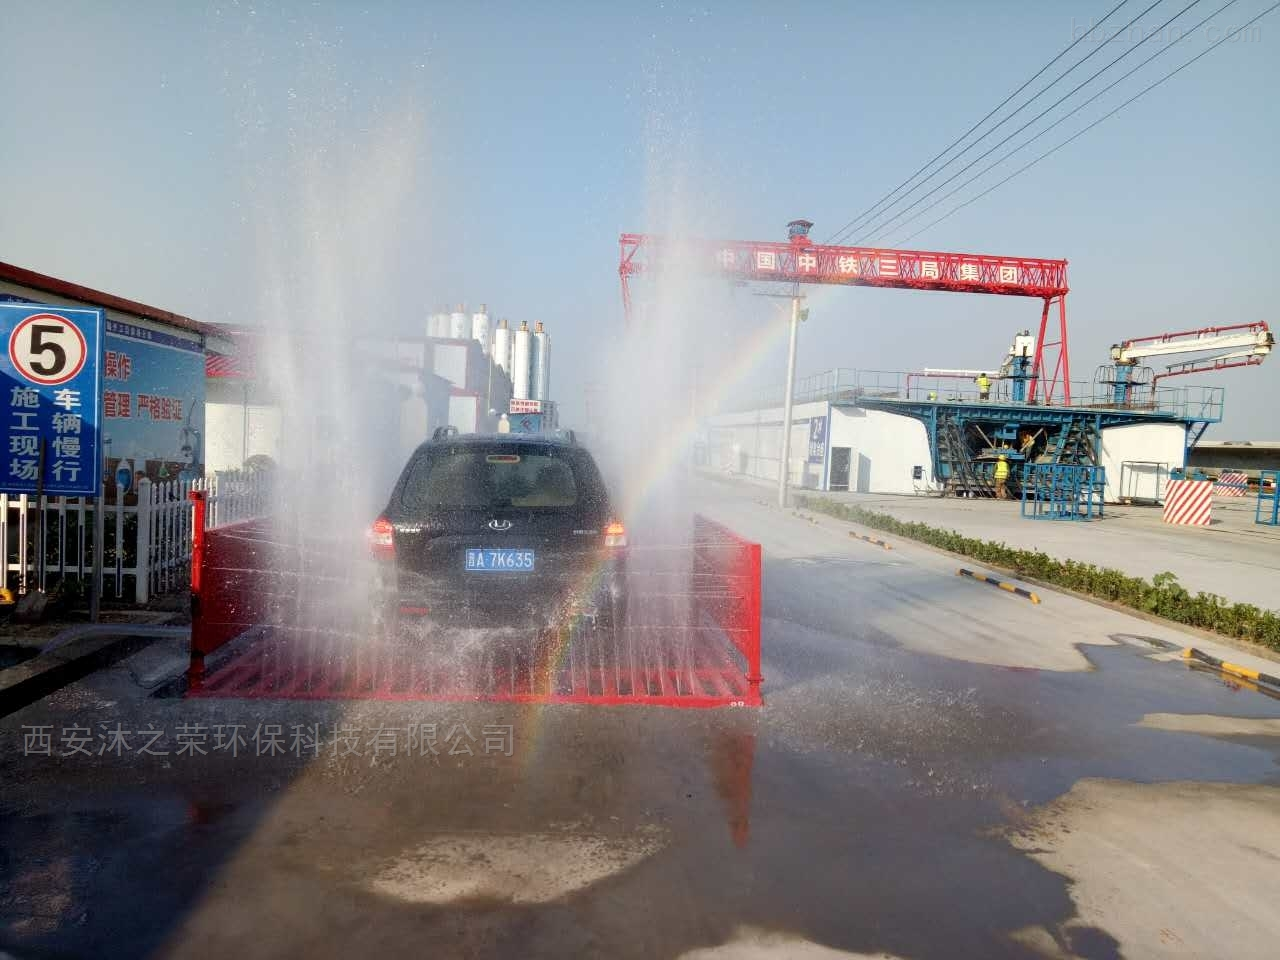 MR-120-全自动冲洗设备,工程车辆冲洗台